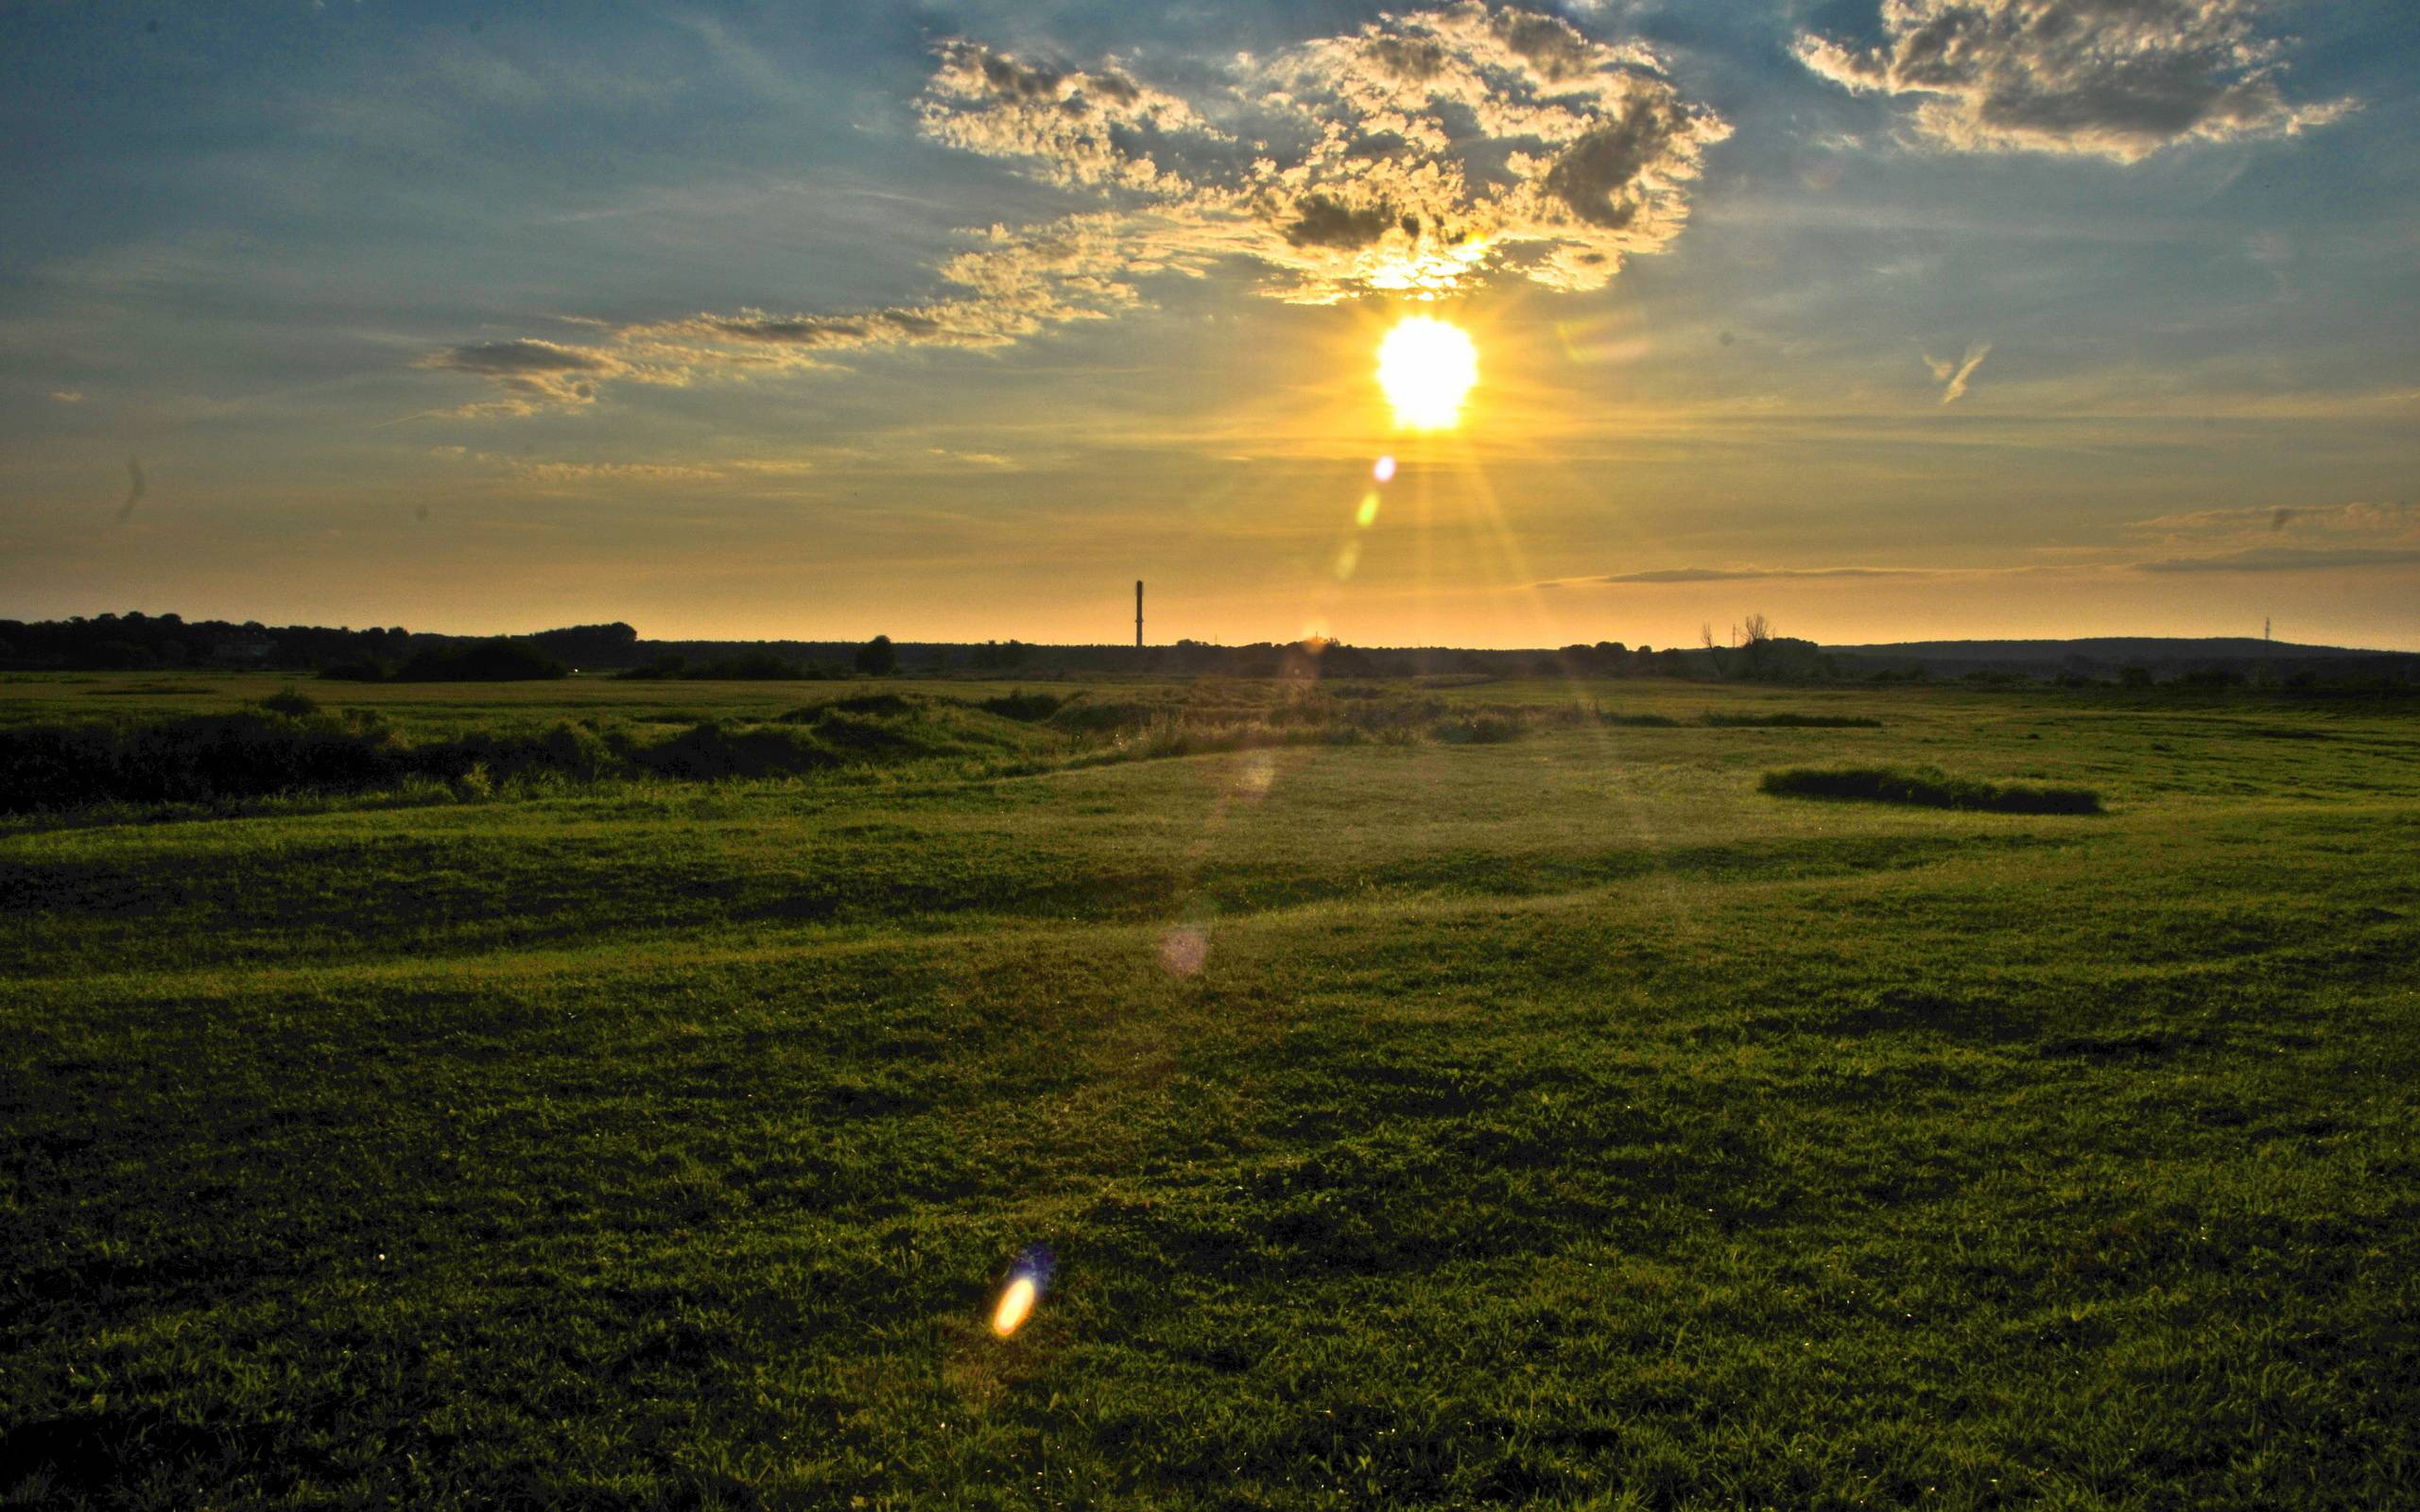 Солнце перед закатом на поле бесплатно